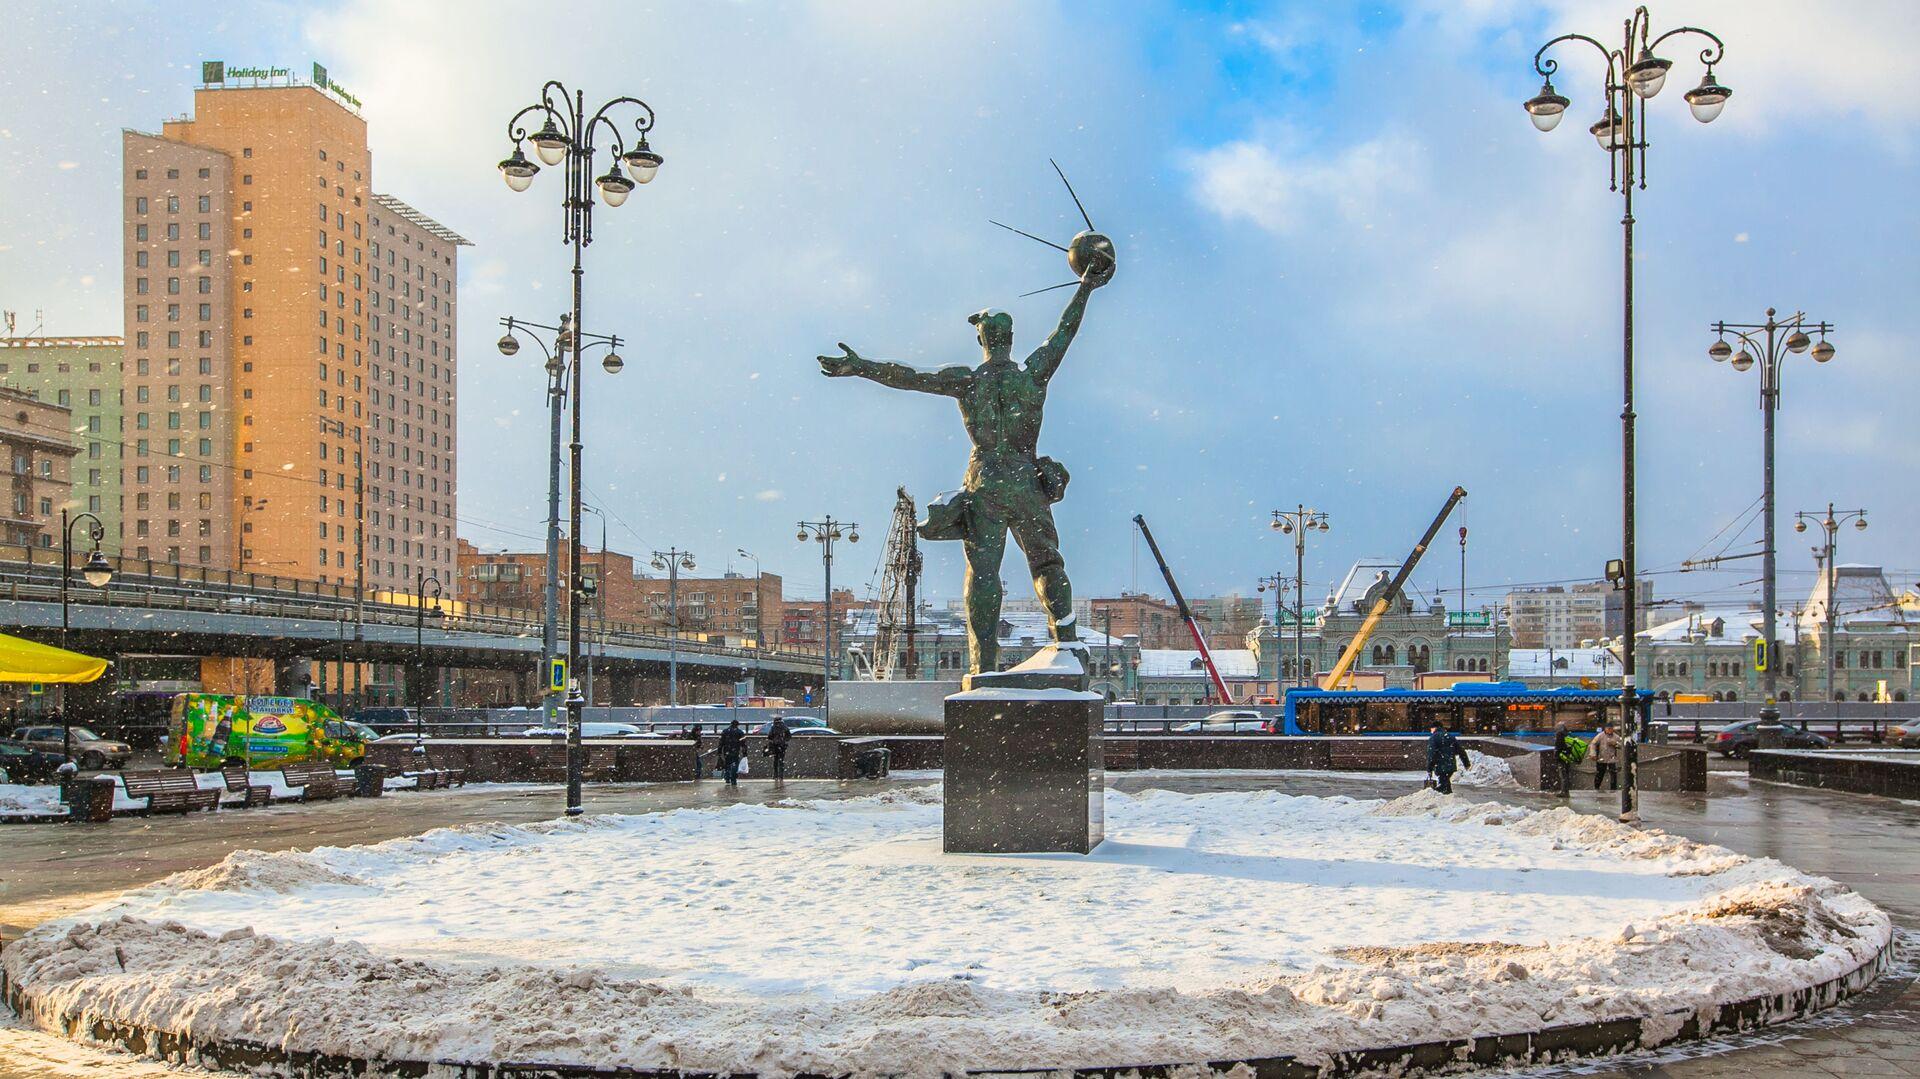 Площадь возле Рижского вокзала - РИА Новости, 1920, 21.01.2021